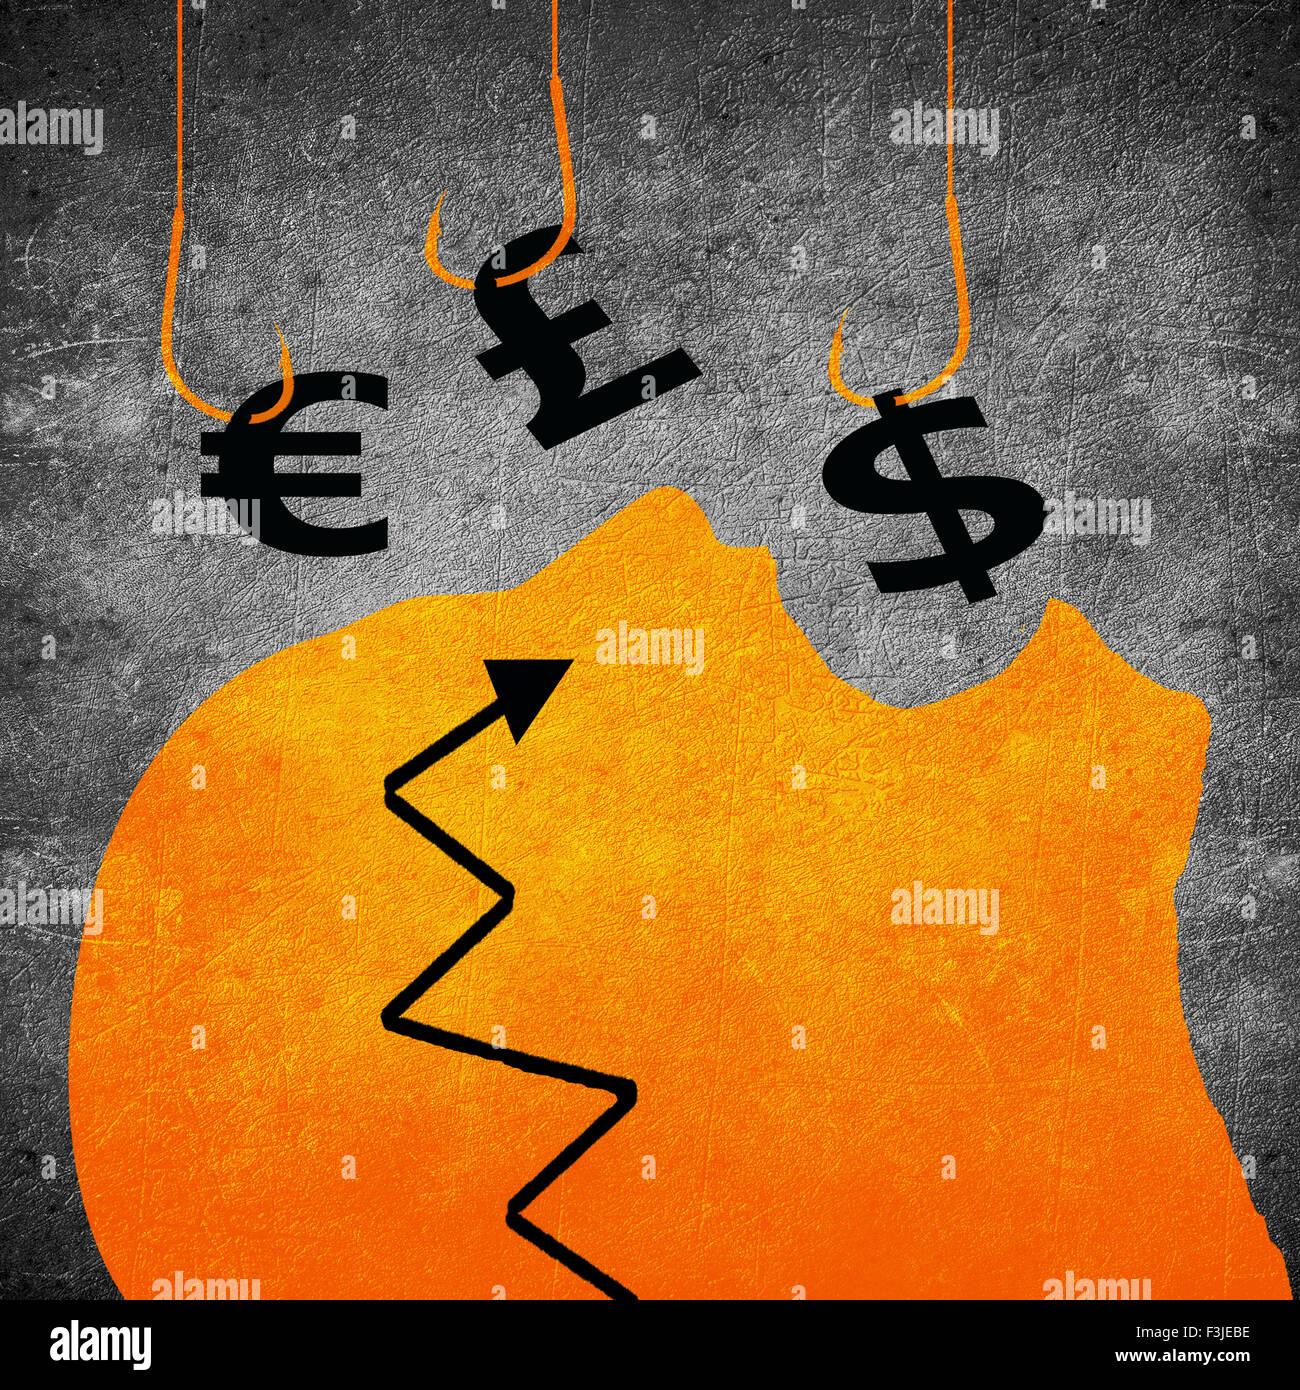 Anzuelo y símbolo de dinero concepto de negocio ilustración digital Imagen De Stock